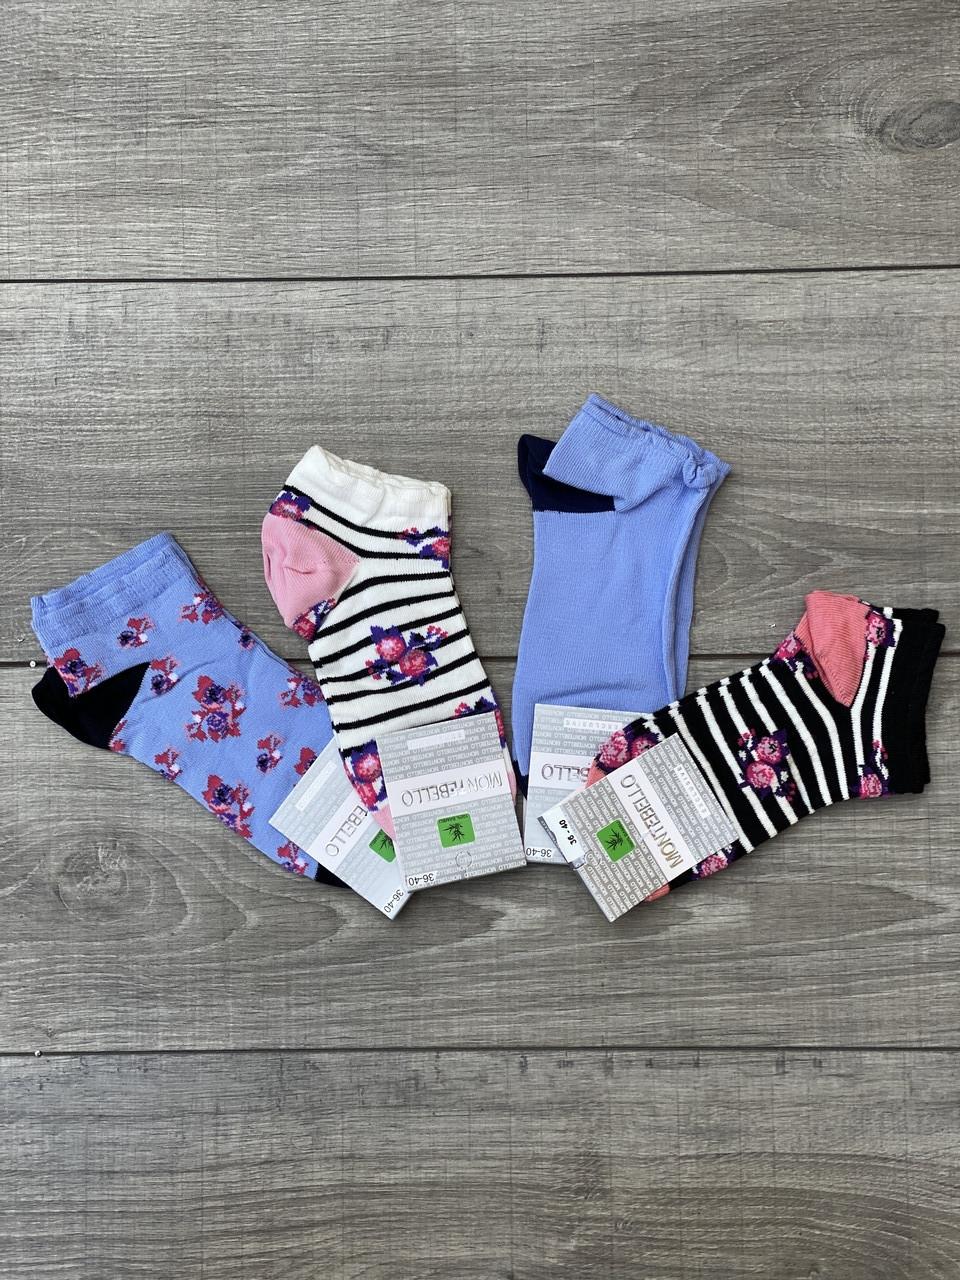 Жіночі шкарпетки короткі бавовна в смужку Montebello з квітками 35-40 12 шт в уп мікс 4 кольорів